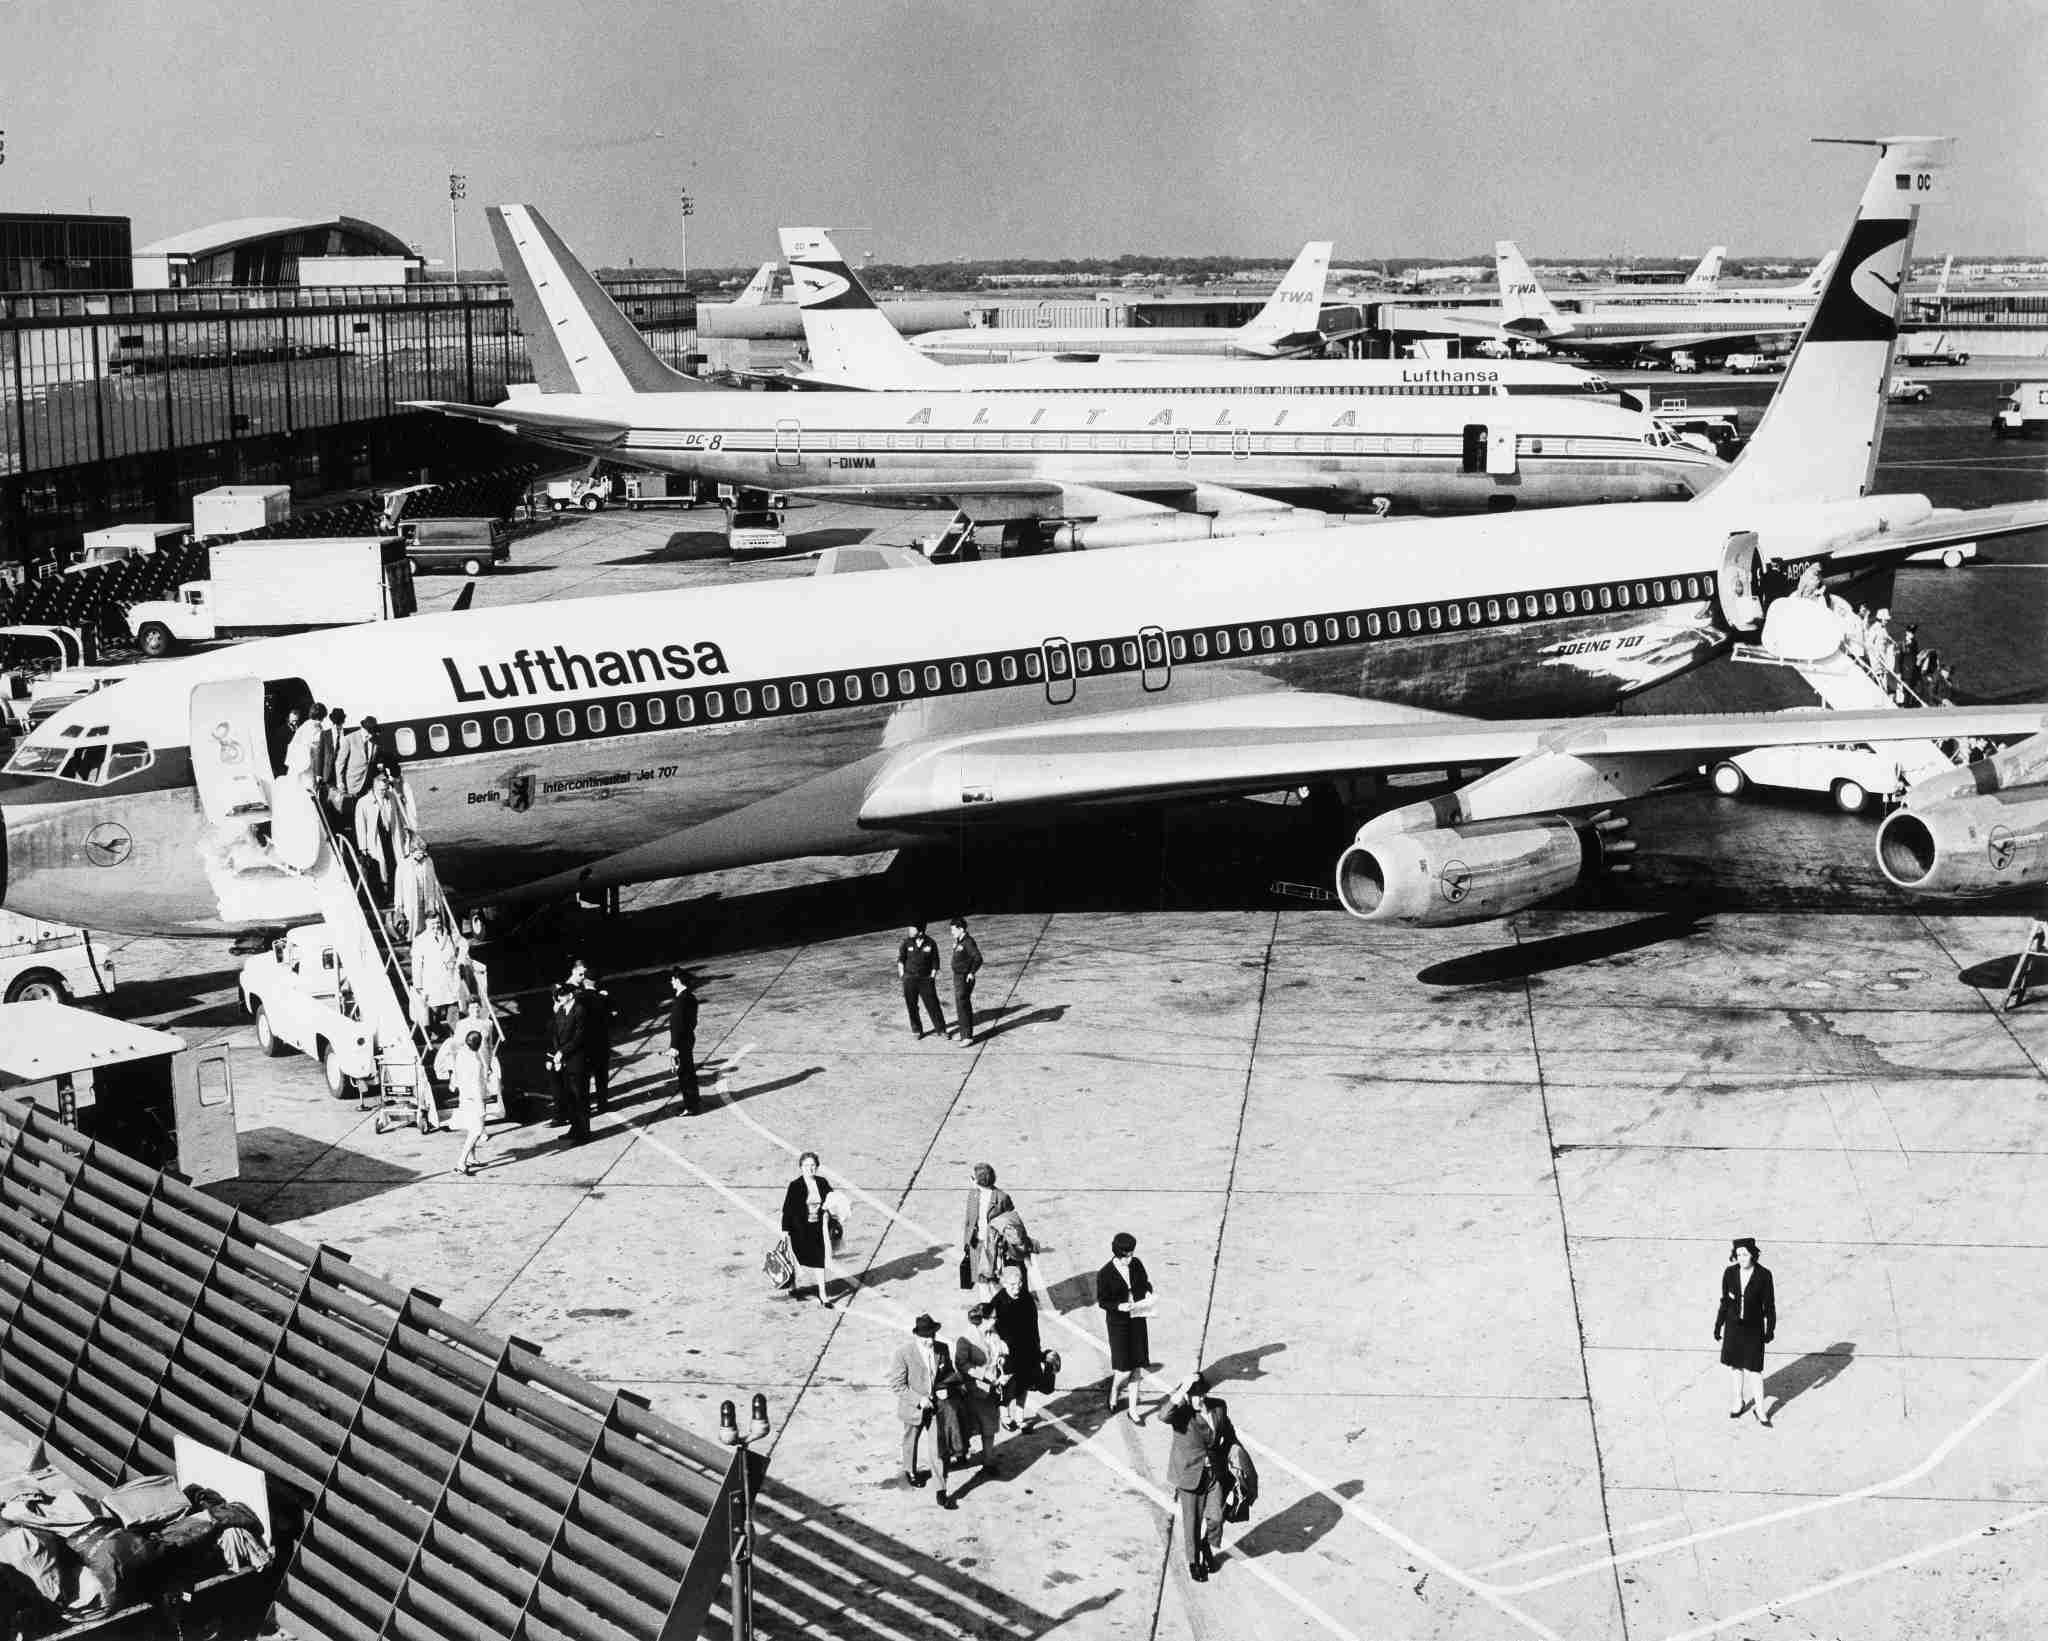 (GERMANY OUT) John F. Kennedy International Airport, JFK, (Idlewild Airport); Lufthansa airplane Boeing 707, - 1969 (Photo by Lehnartz/ullstein bild via Getty Images)